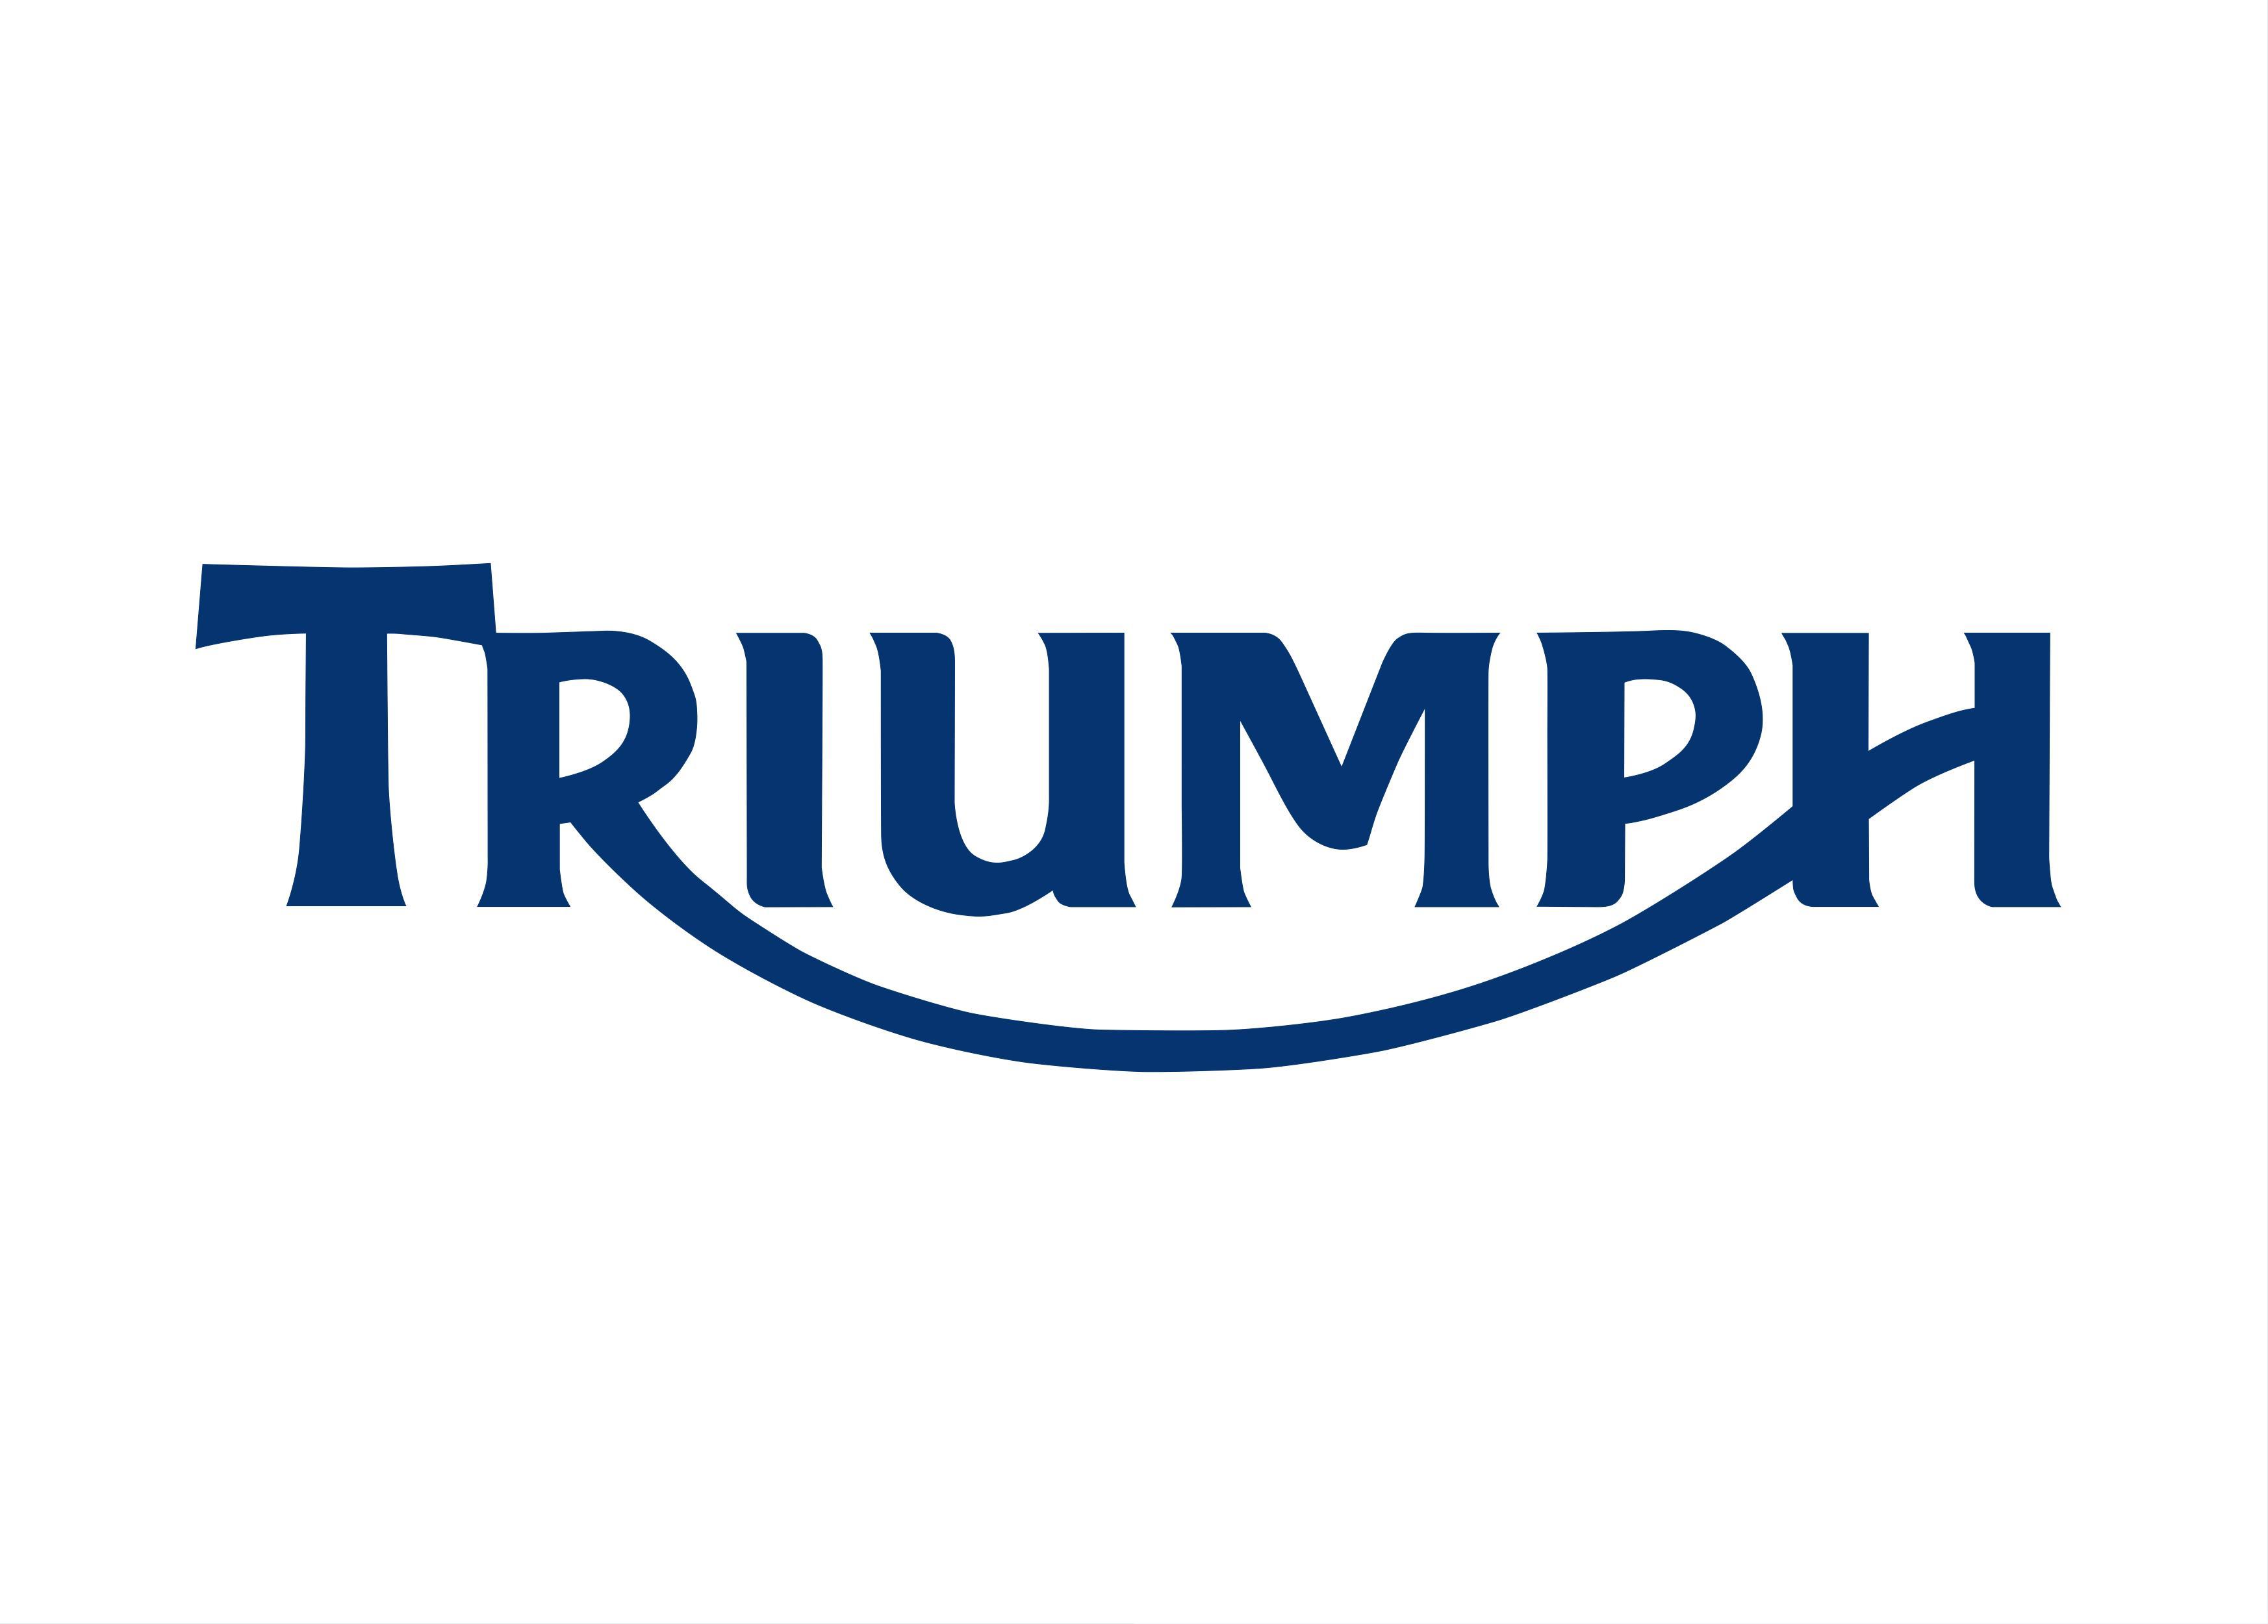 Triumph logo image in png format. Size: 1024 x 286 pixels. - Triumph Logo Vector PNG